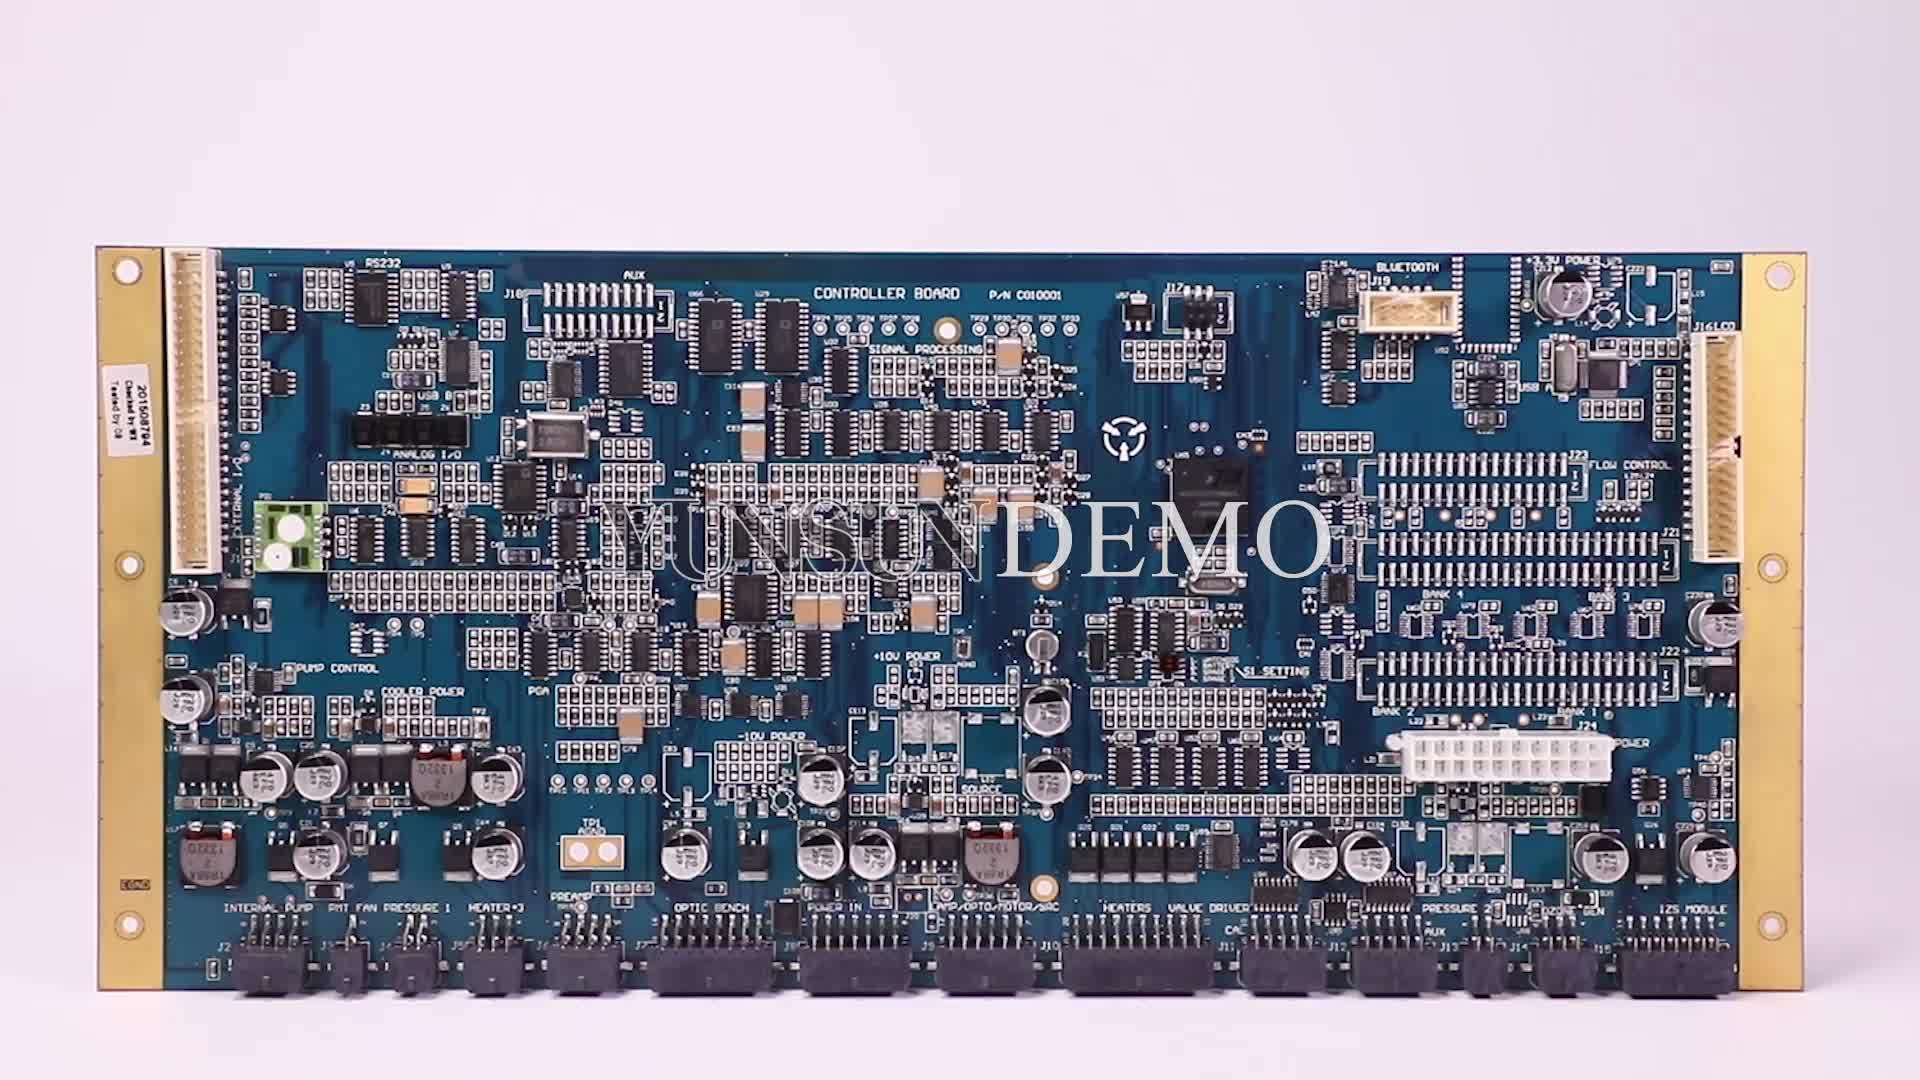 ブランク PCB ボード電子回路組立部品 LED Pcb アセンブリカスタム FR4 PCB メーカー